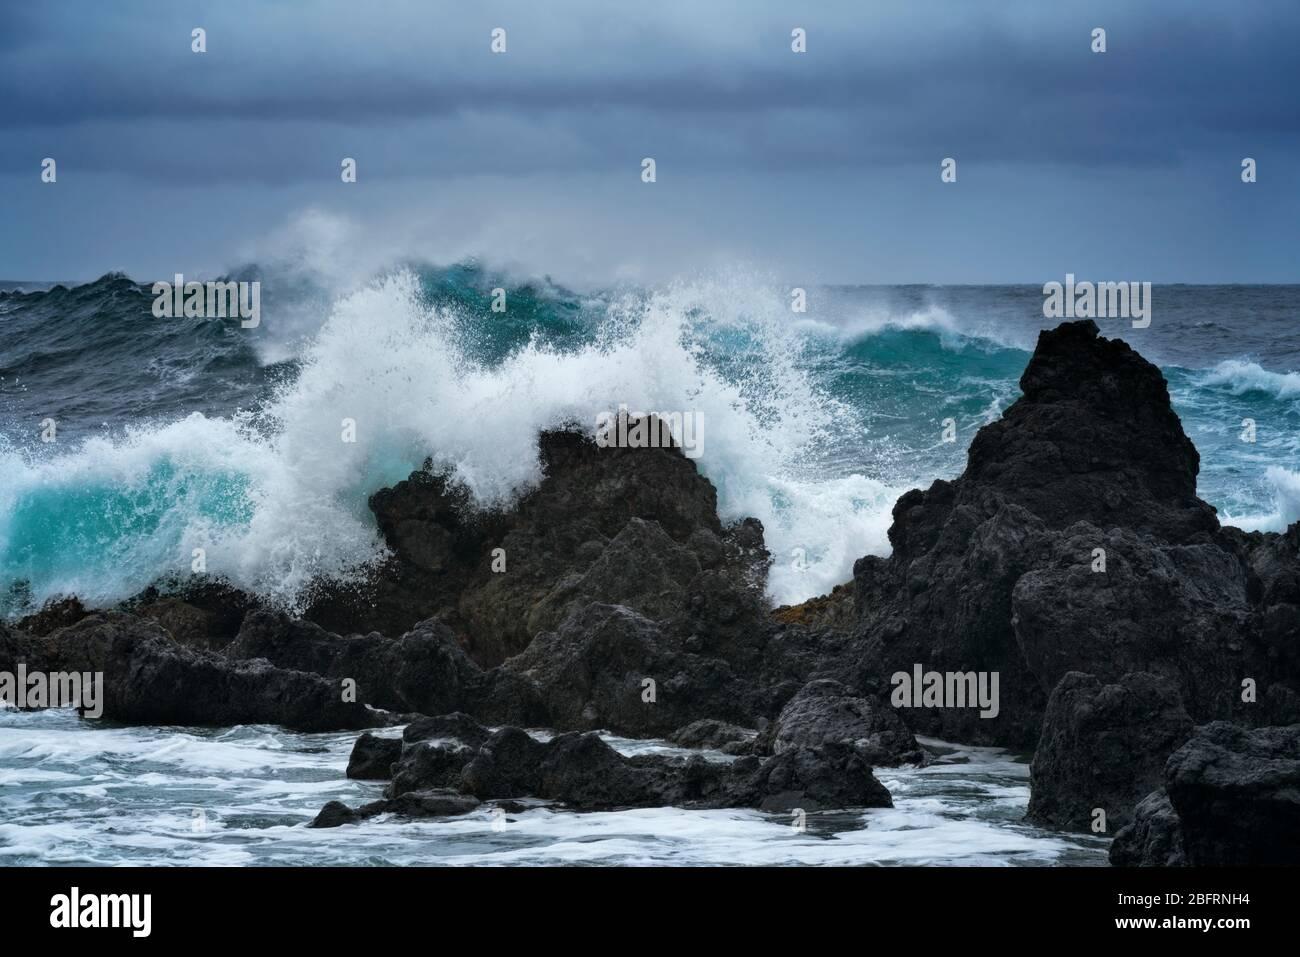 Des vagues de tempête s'construisent et s'écrasent contre les piles de la mer de lave le long de la côte de Hamakua à Laupahoehoe point sur la Grande île d'Hawaï. Banque D'Images